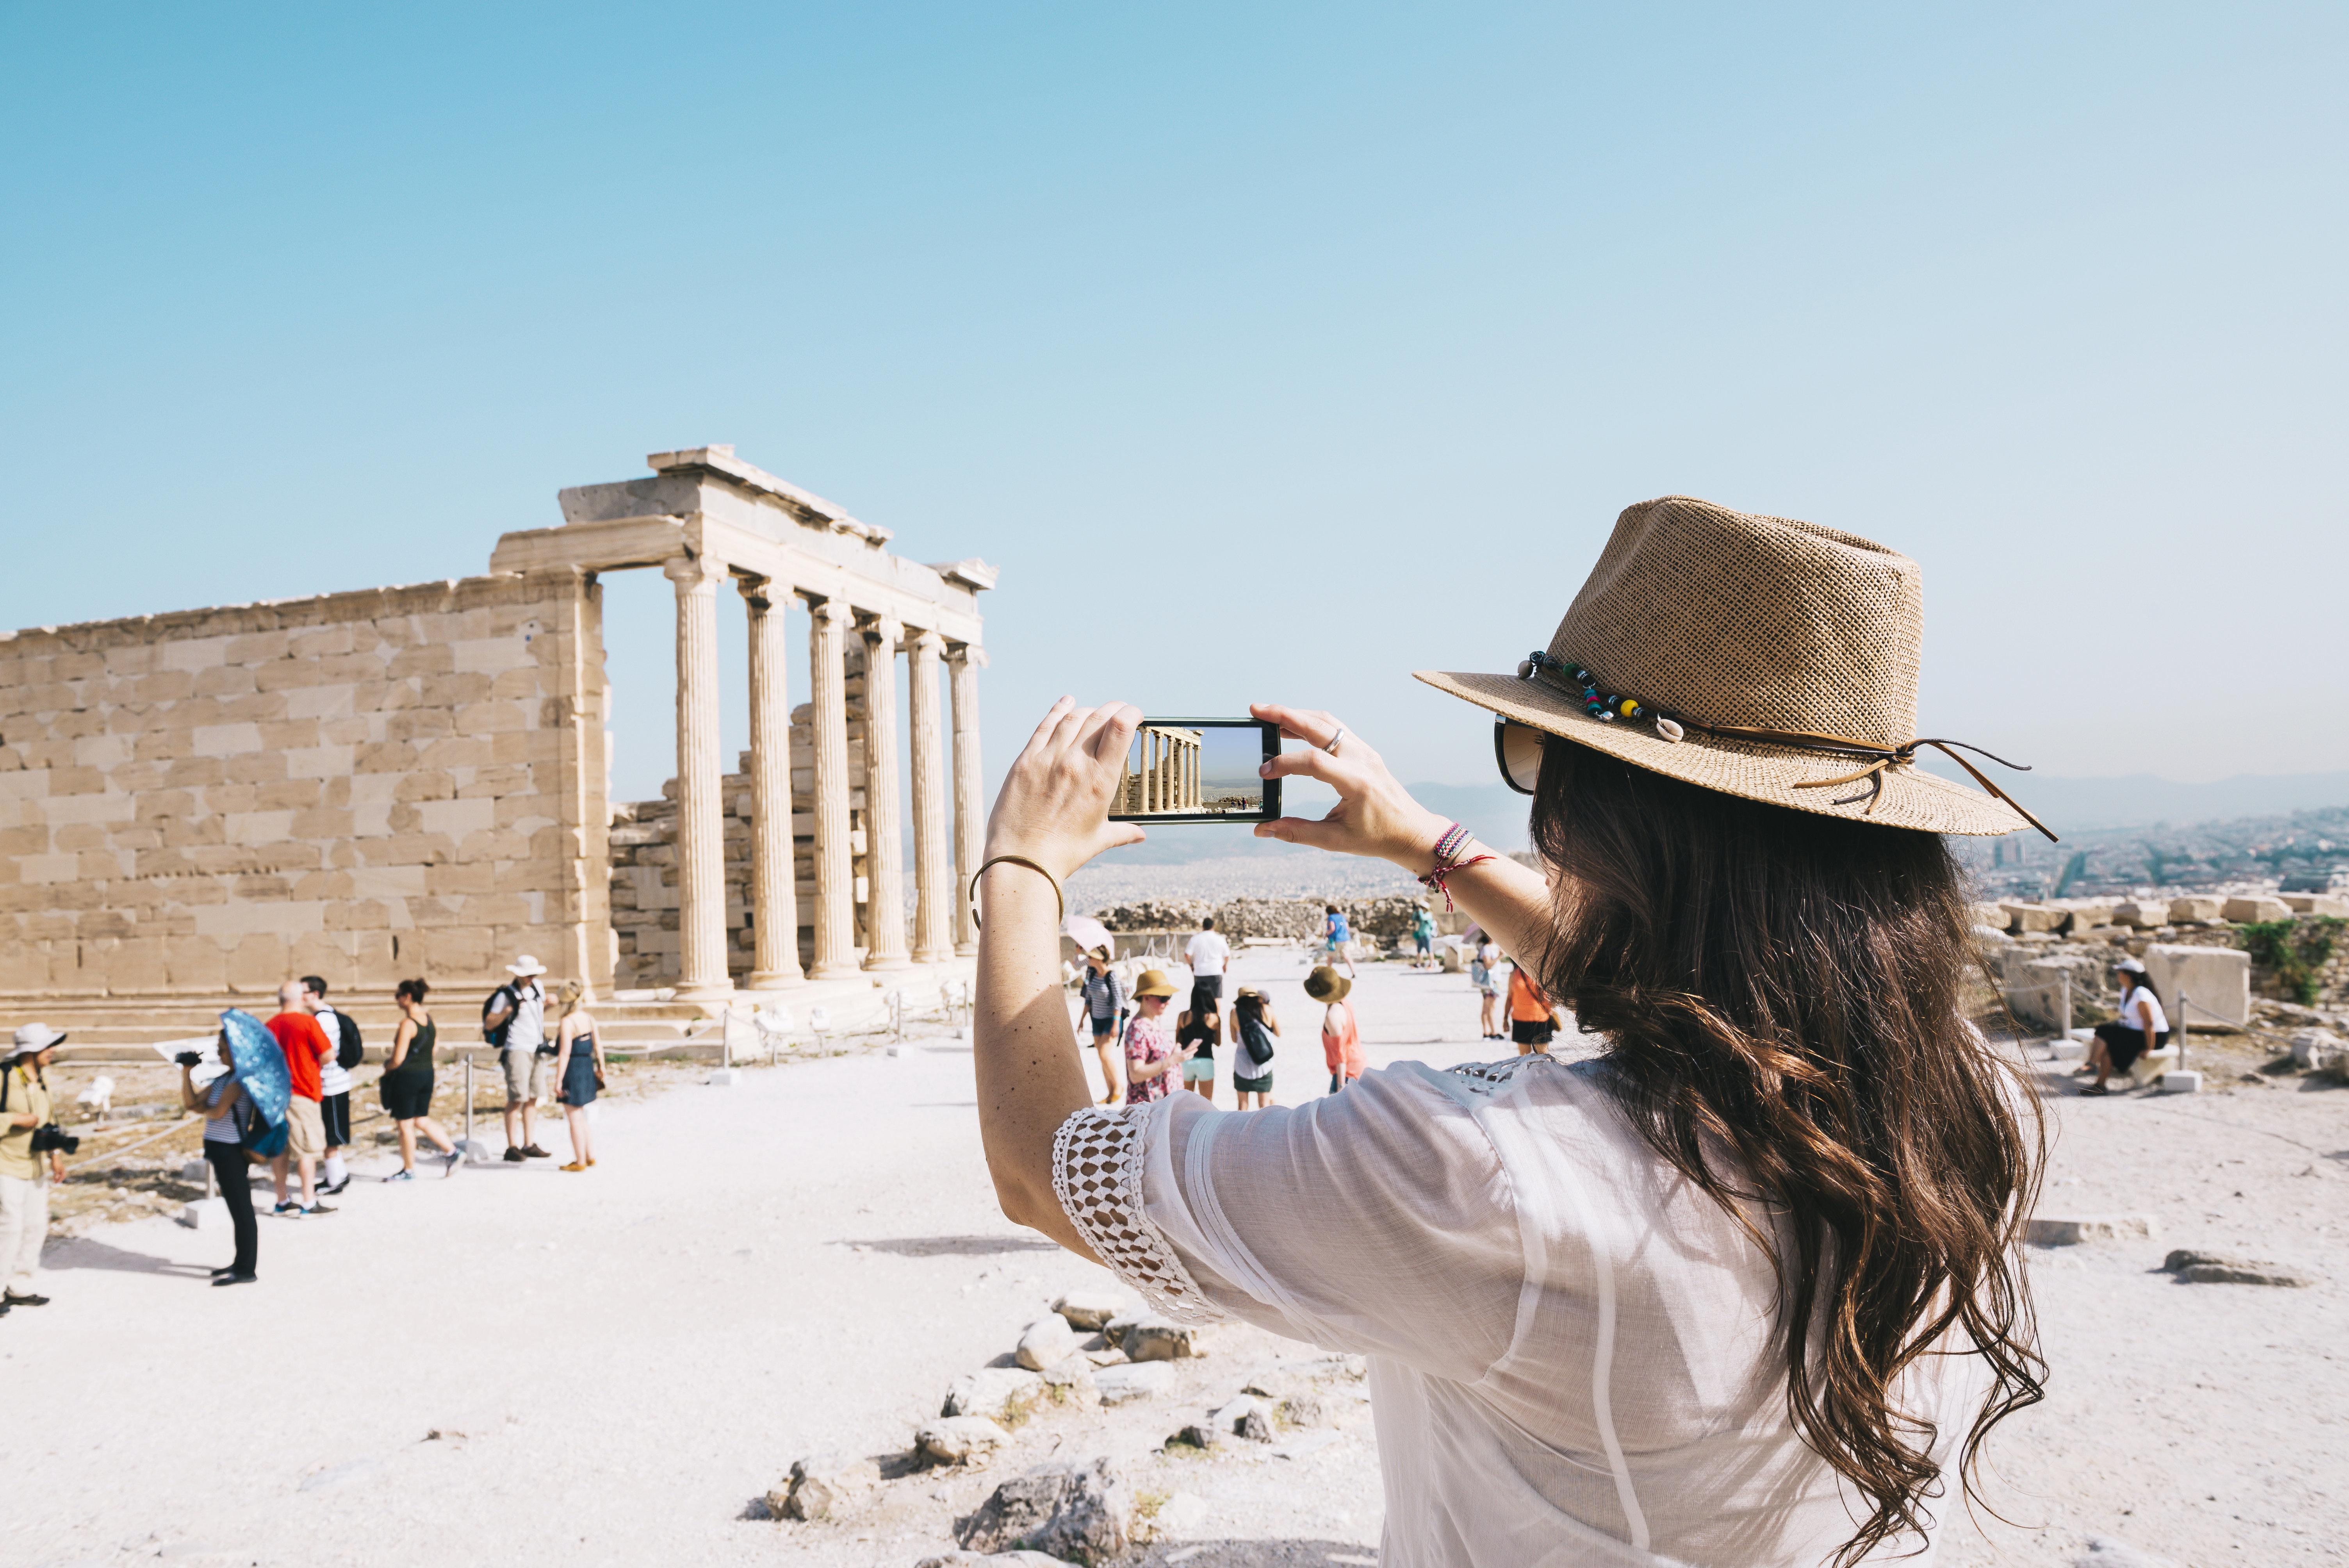 Θετική ανάπτυξη για τον ελληνικό τουρισμό το 2018. Μεγάλη αύξηση των εσόδων δείχνουν τα έως τώρα στοιχεία